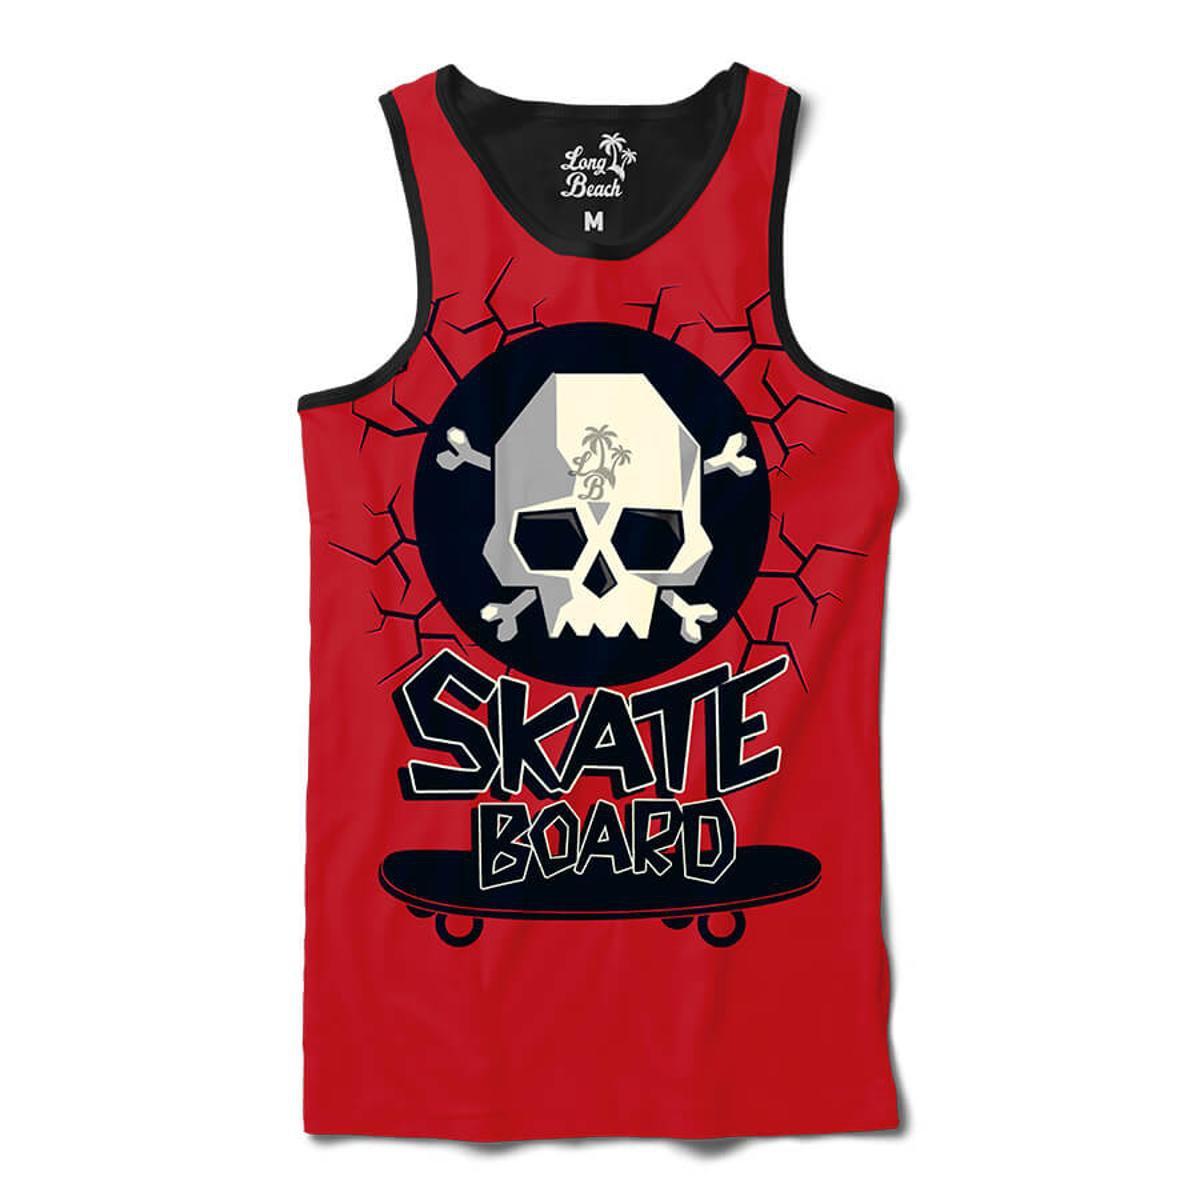 Camiseta Regata Long Beach Caveira Skate Sublimada Masculina - Vermelho -  Compre Agora  9daa9e67ea5